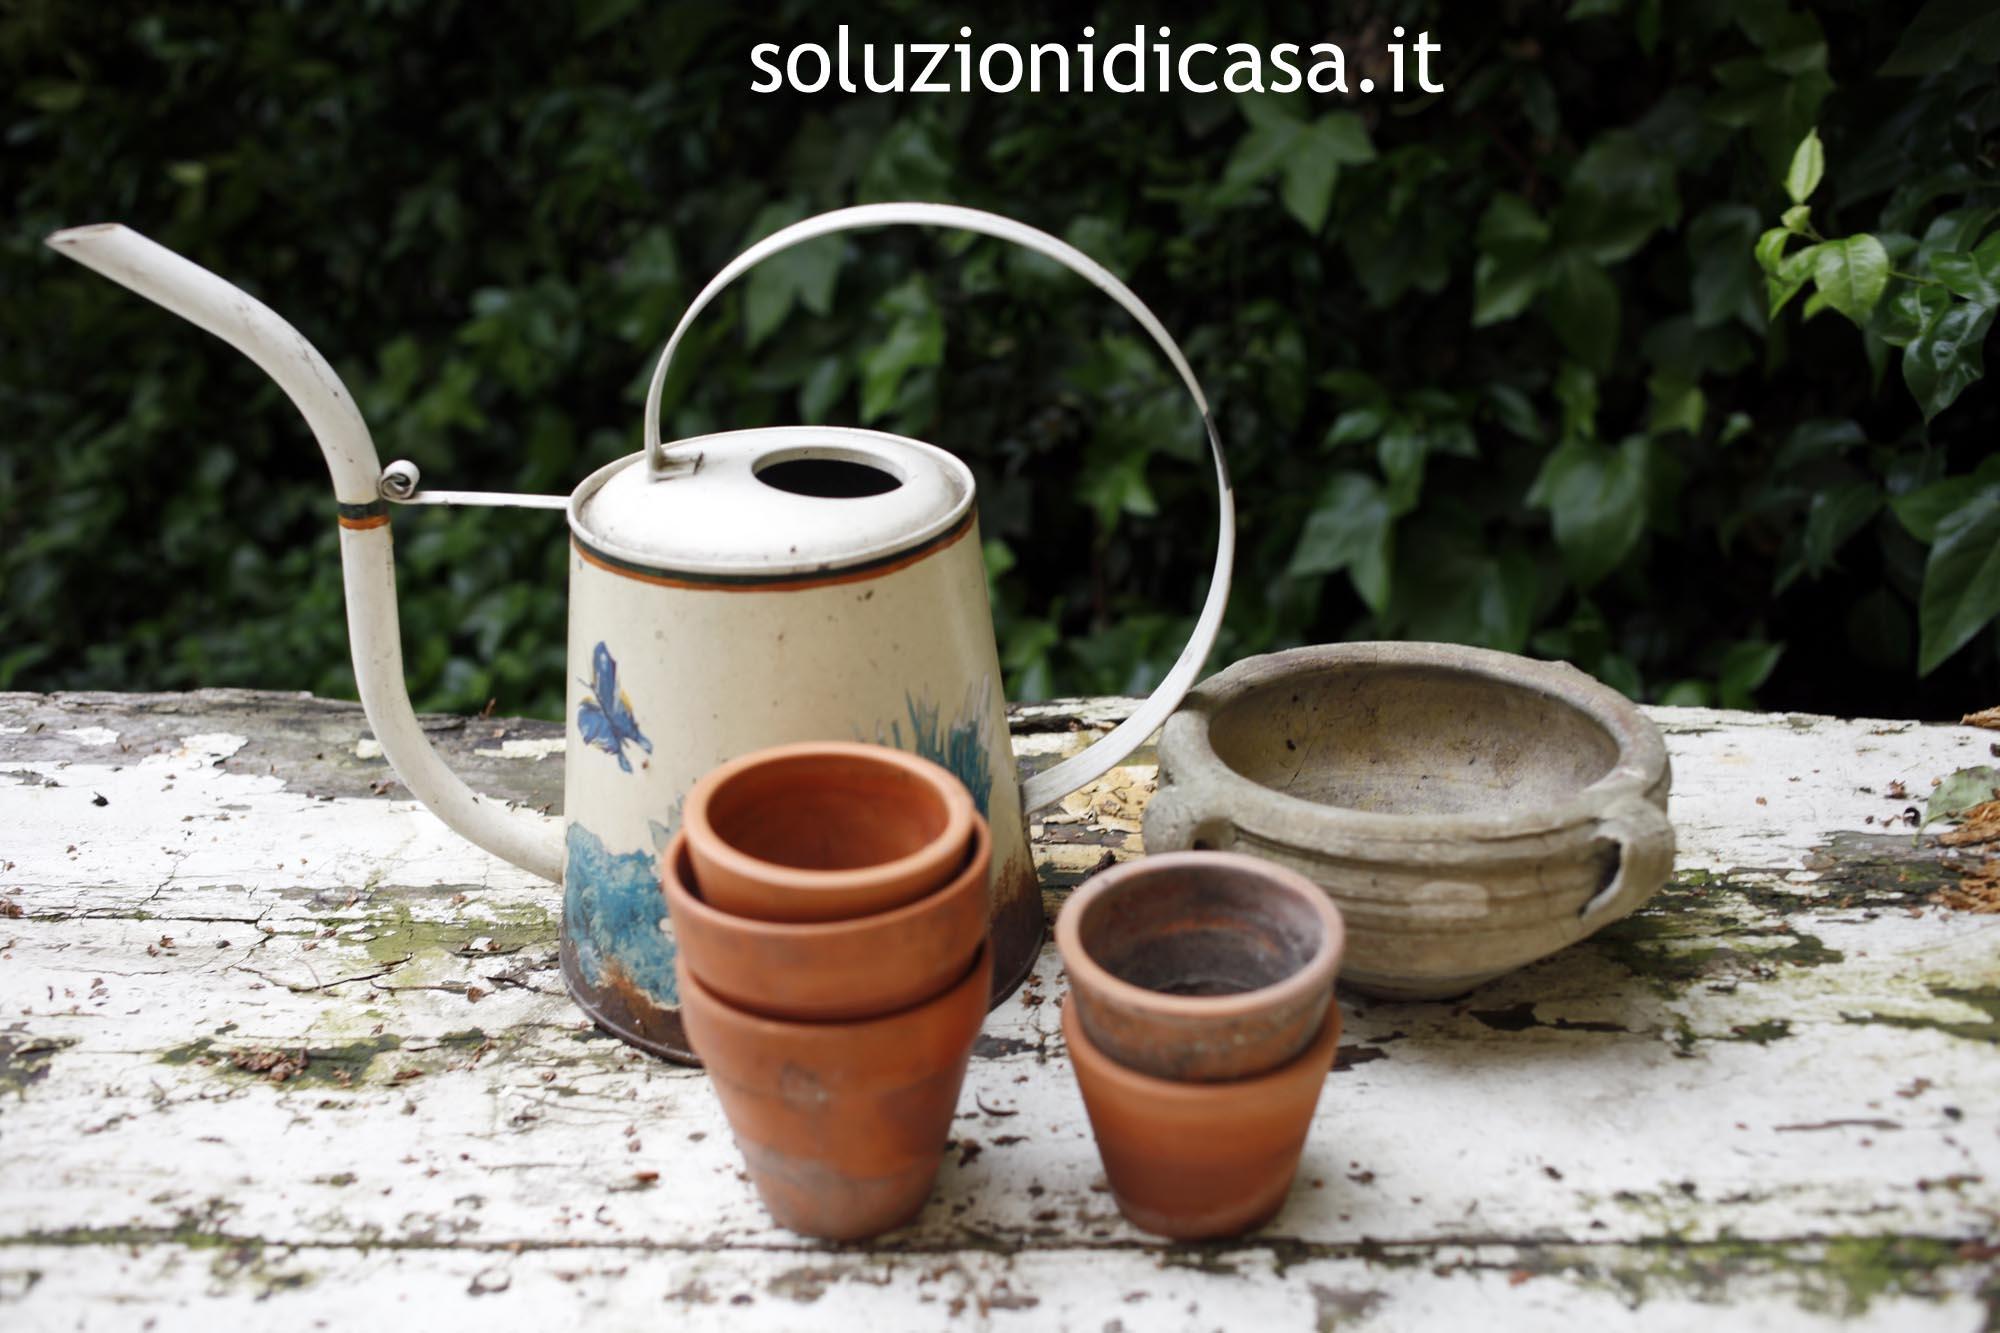 Balcone e giardino   soluzioni di casa